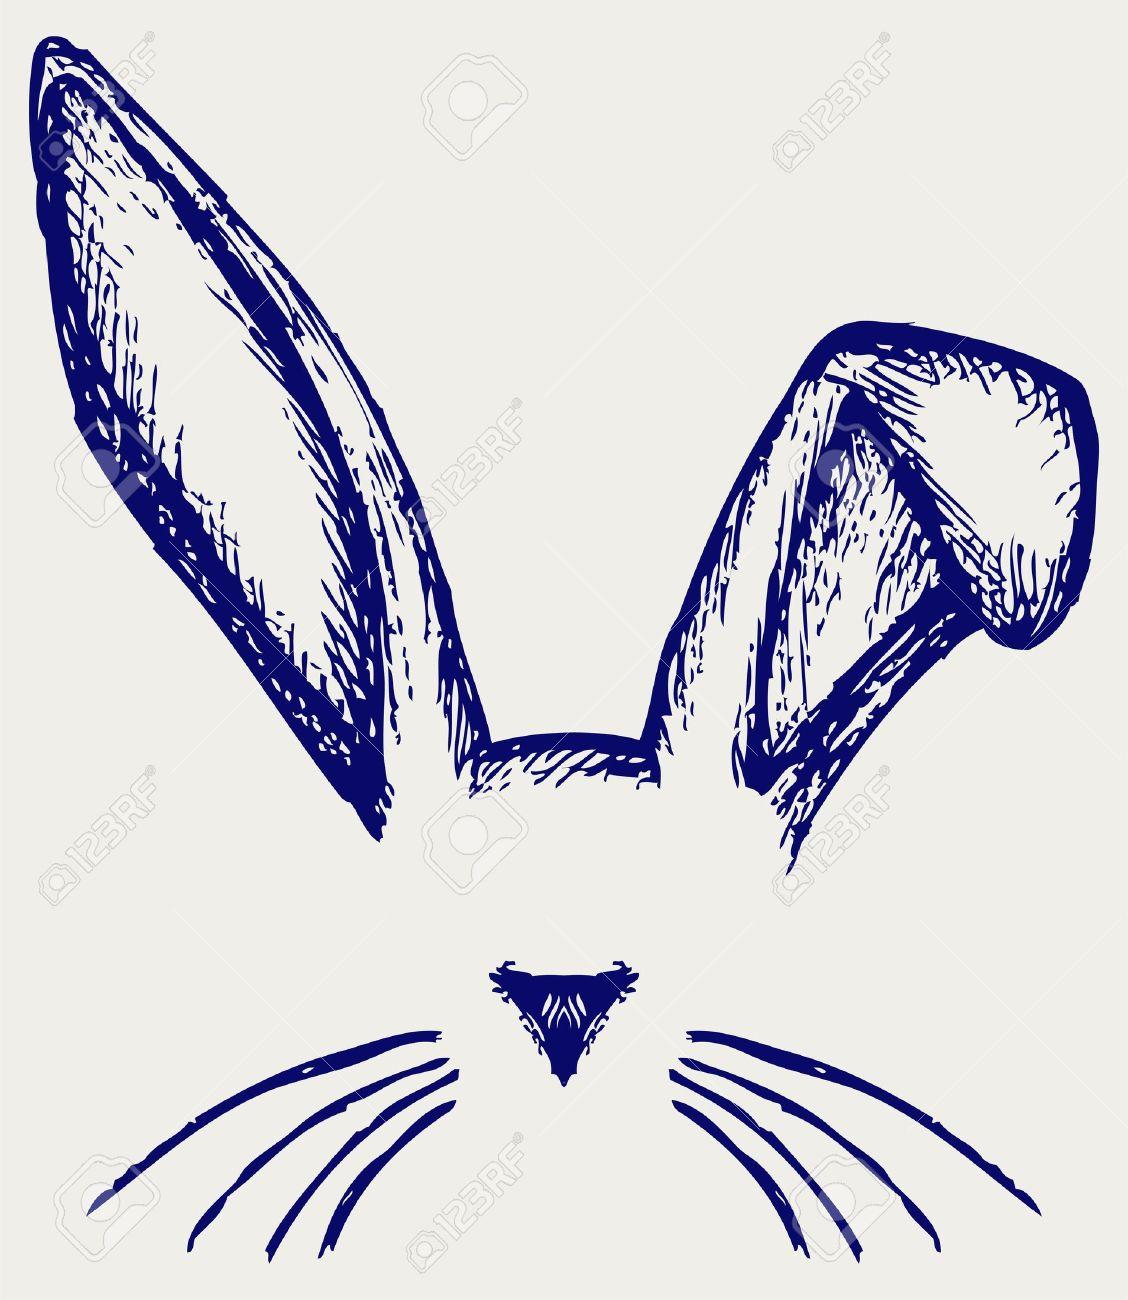 Bunny Ears Clipart & Bunny Ears Clip Art Images.